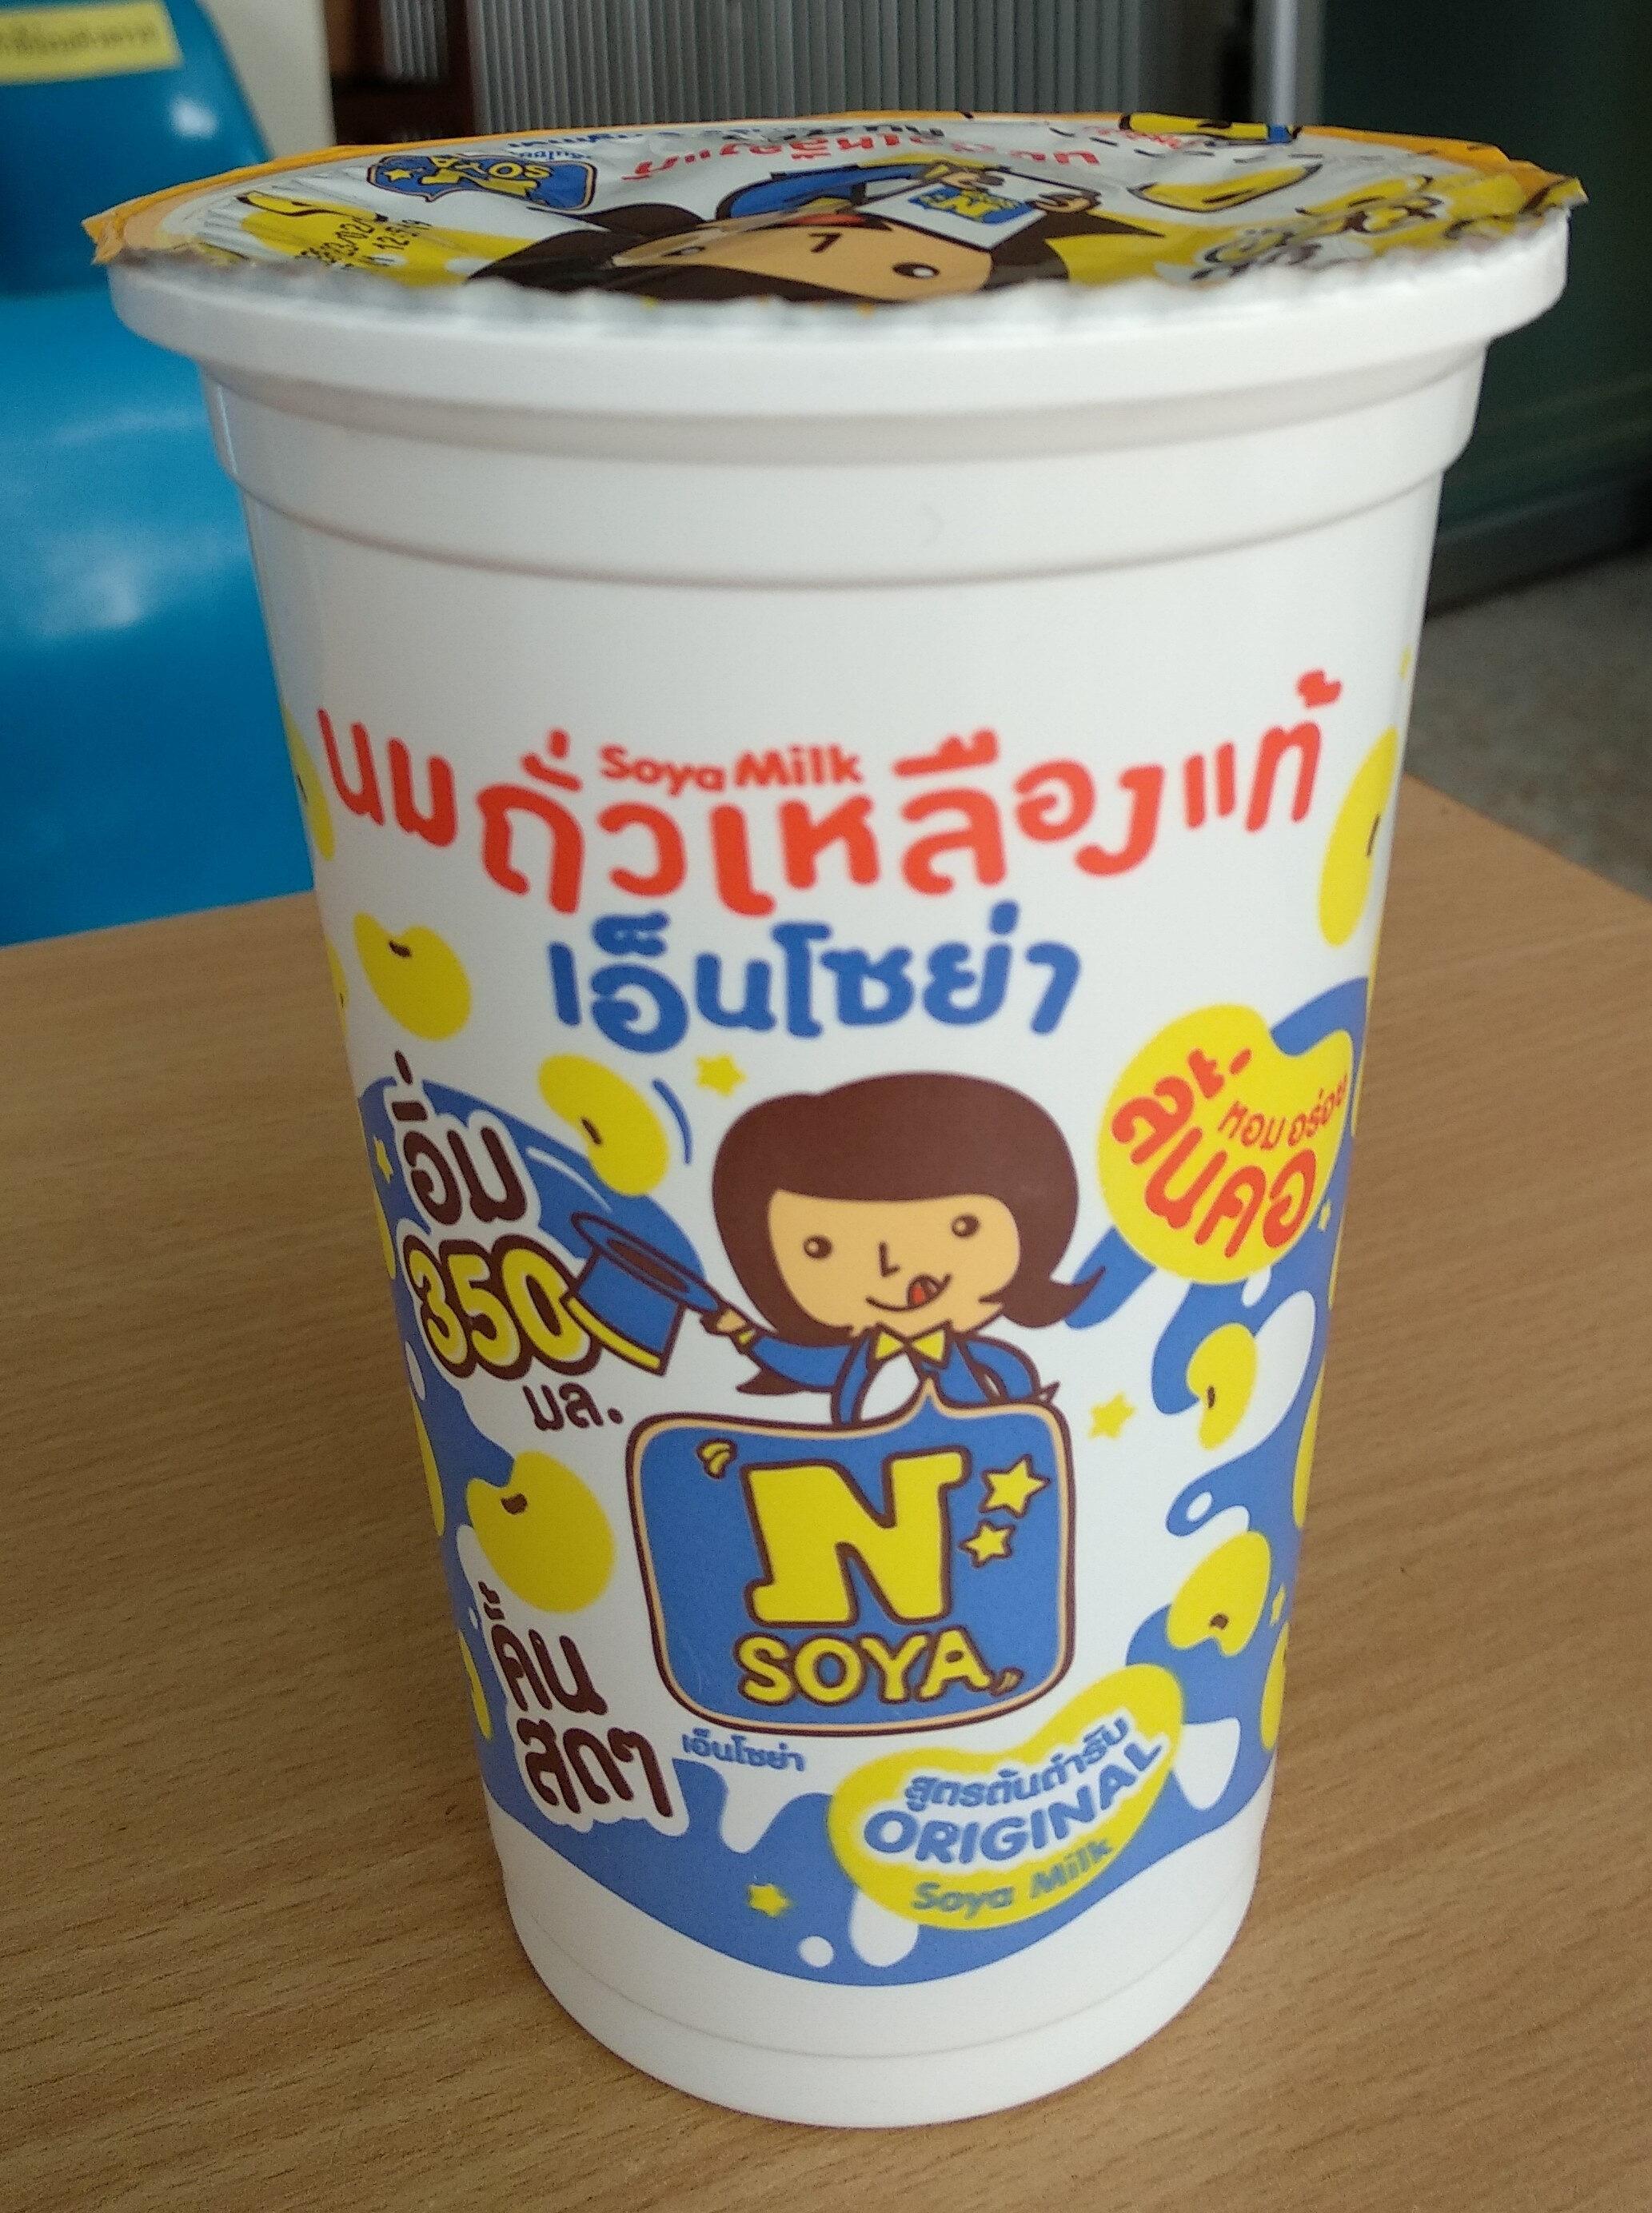 นมถั่วเหลือง เอ็นโซย่า - Produit - th